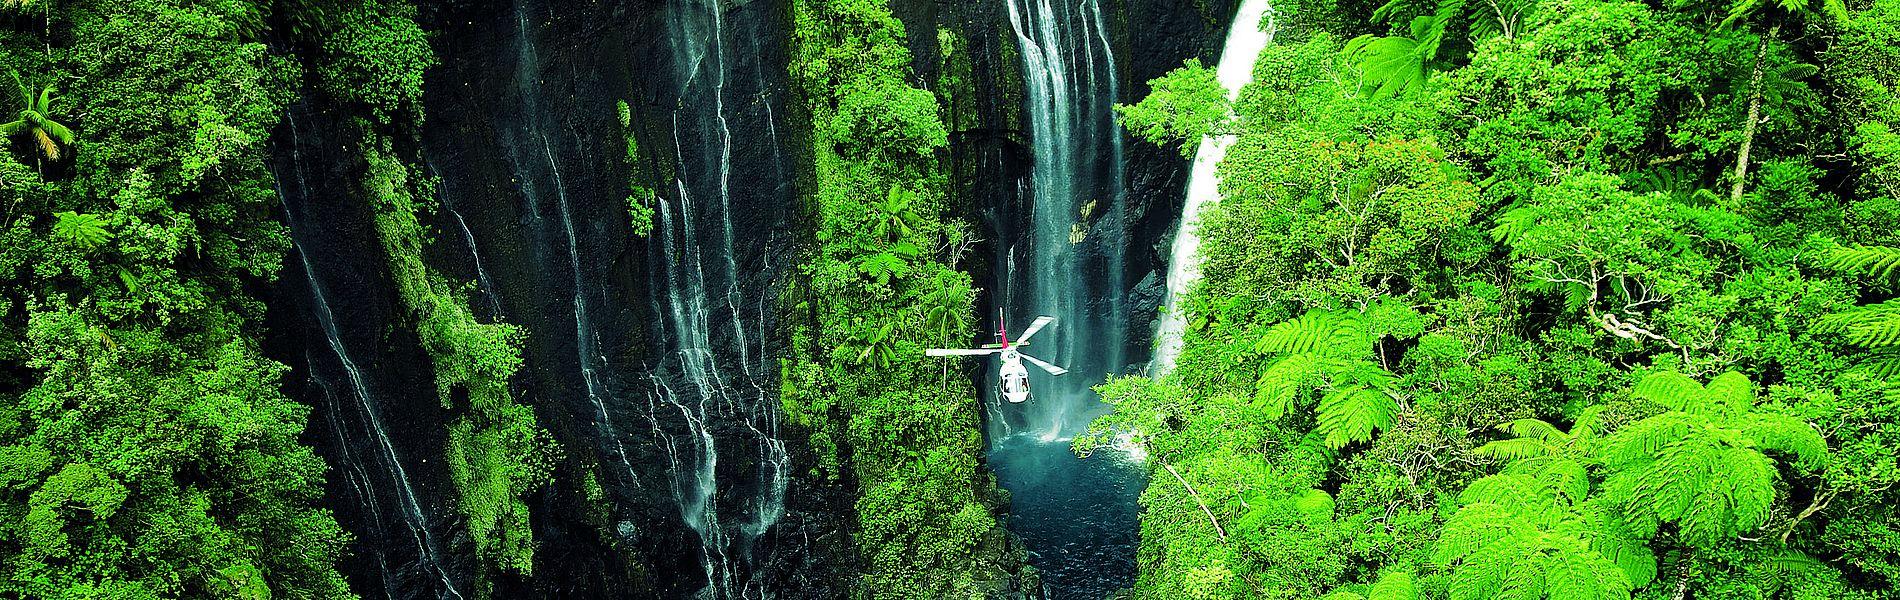 Eine Trauminselreise auf La Réunion